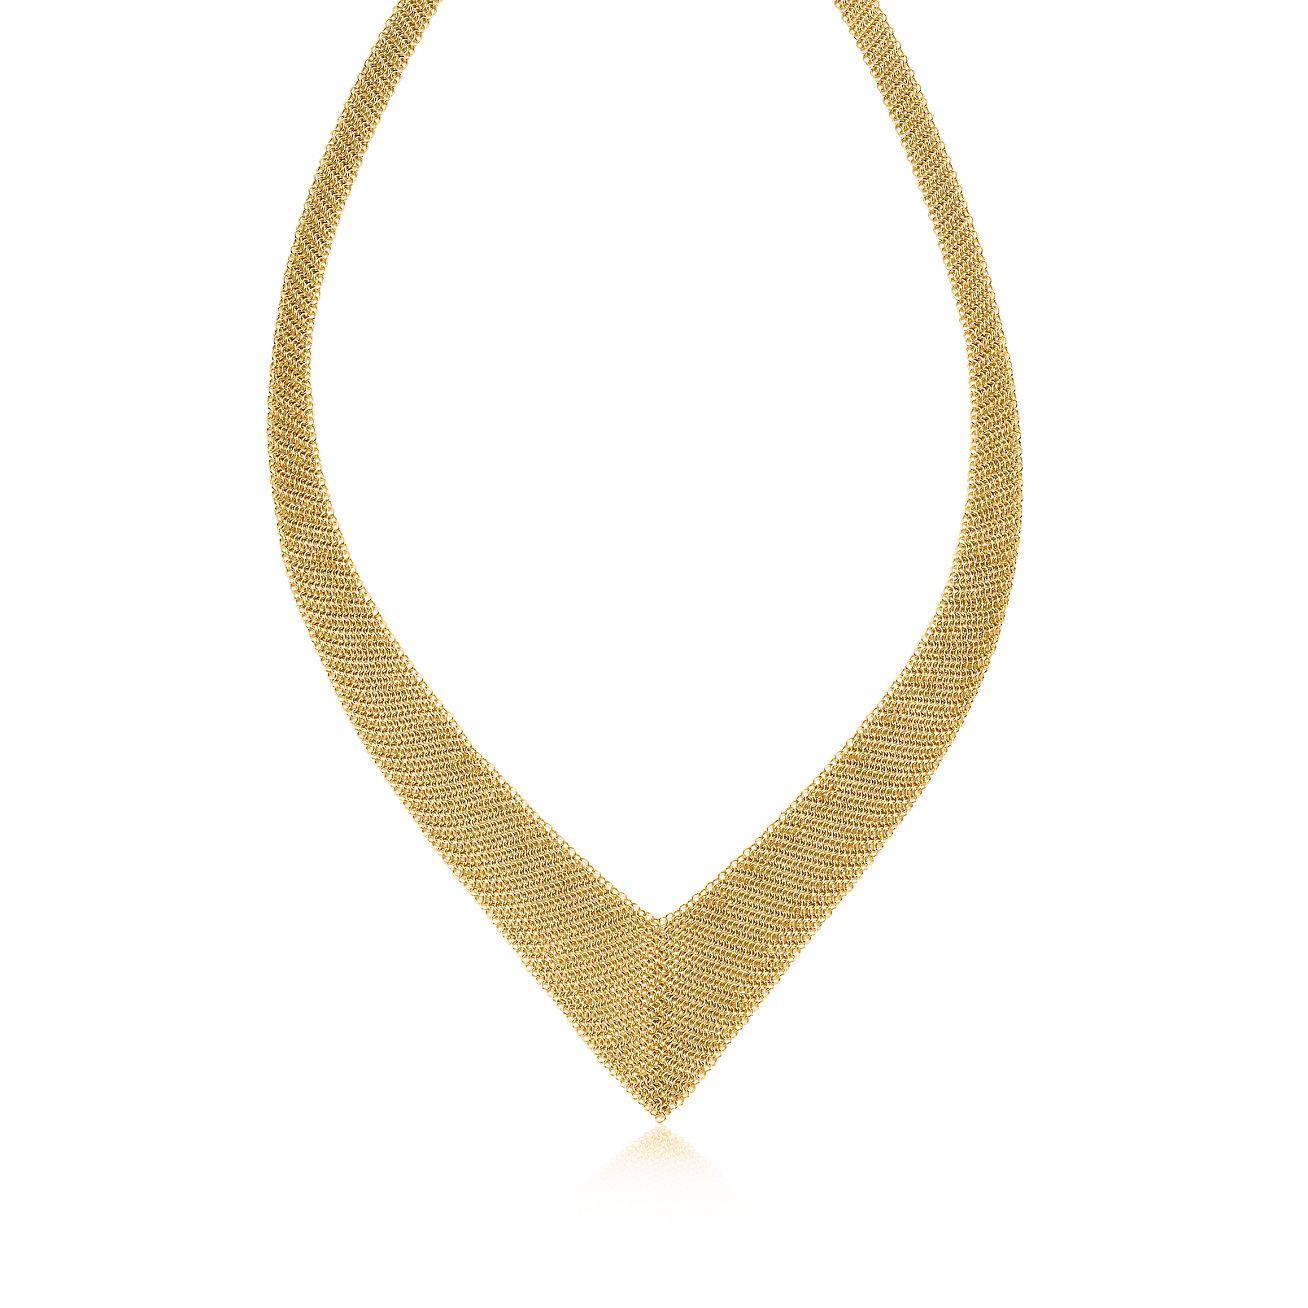 Elsa Peretti® Mesh necklace in 18k gold, small. | Tiffany & Co.